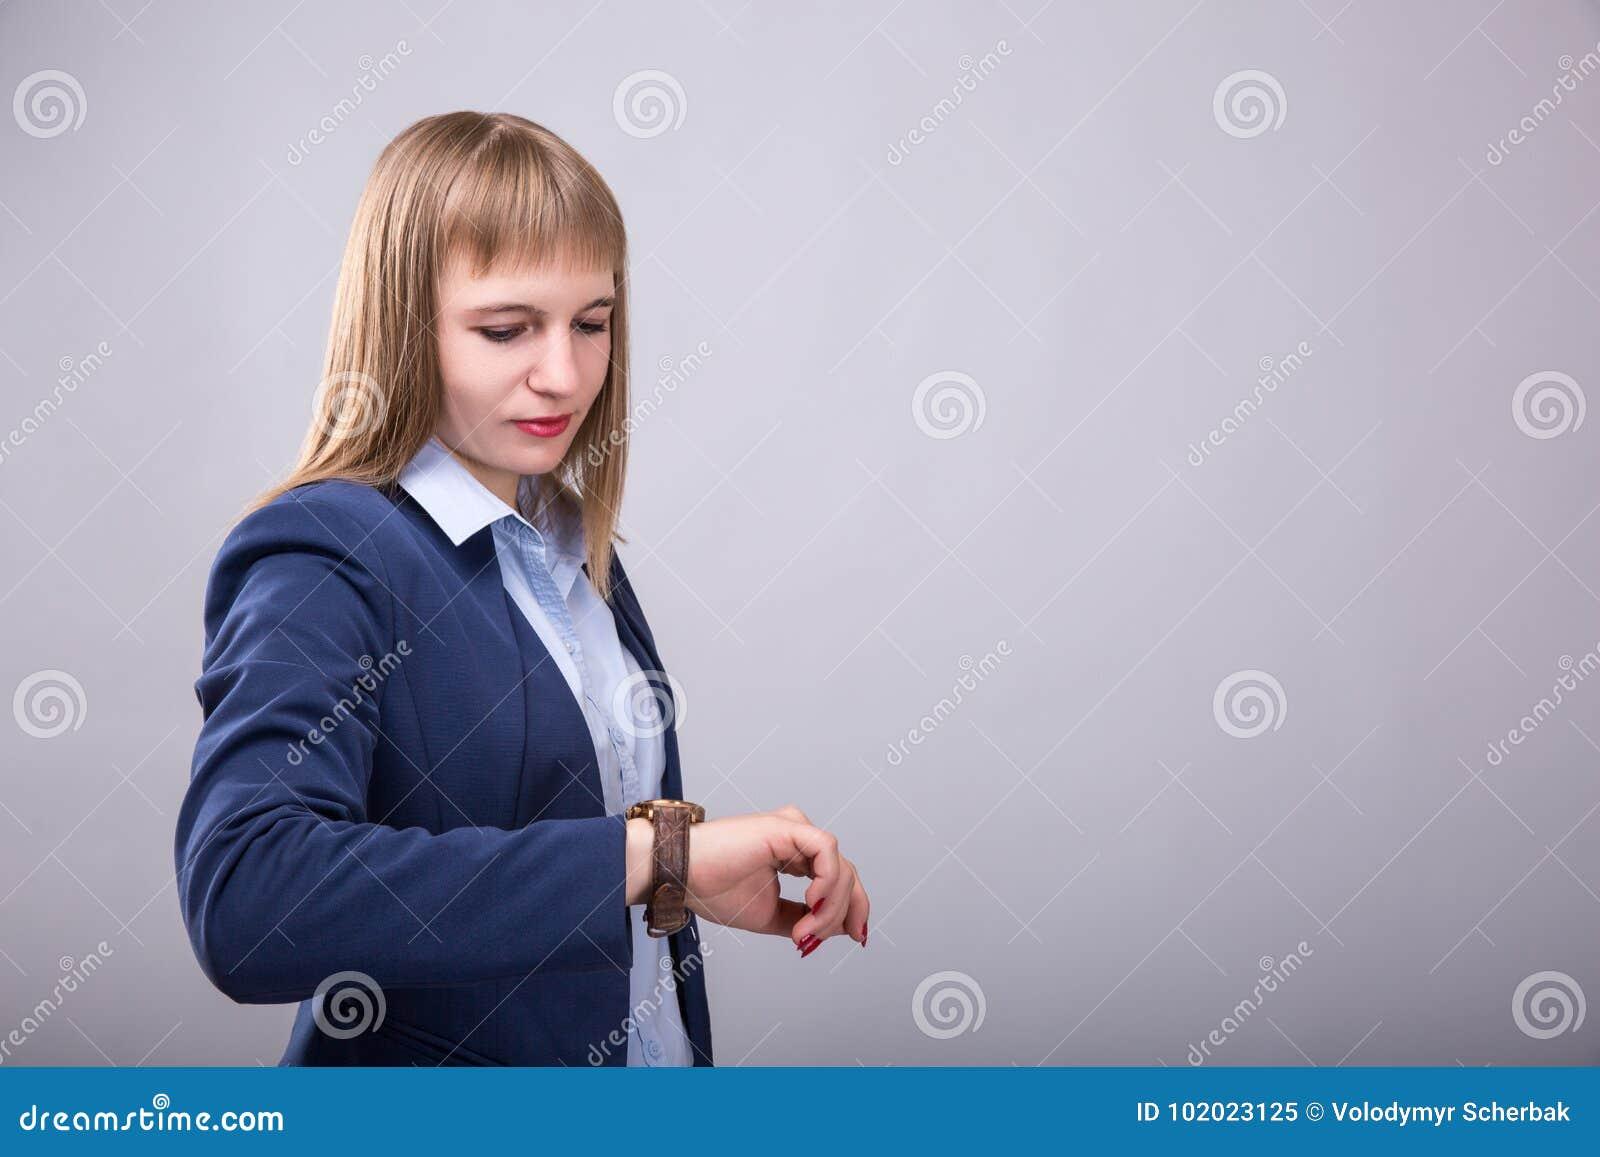 Heure de faire des affaires Jeune femme réfléchie dans la tenue de détente futée vérifiant le temps Regard modèle à la montre